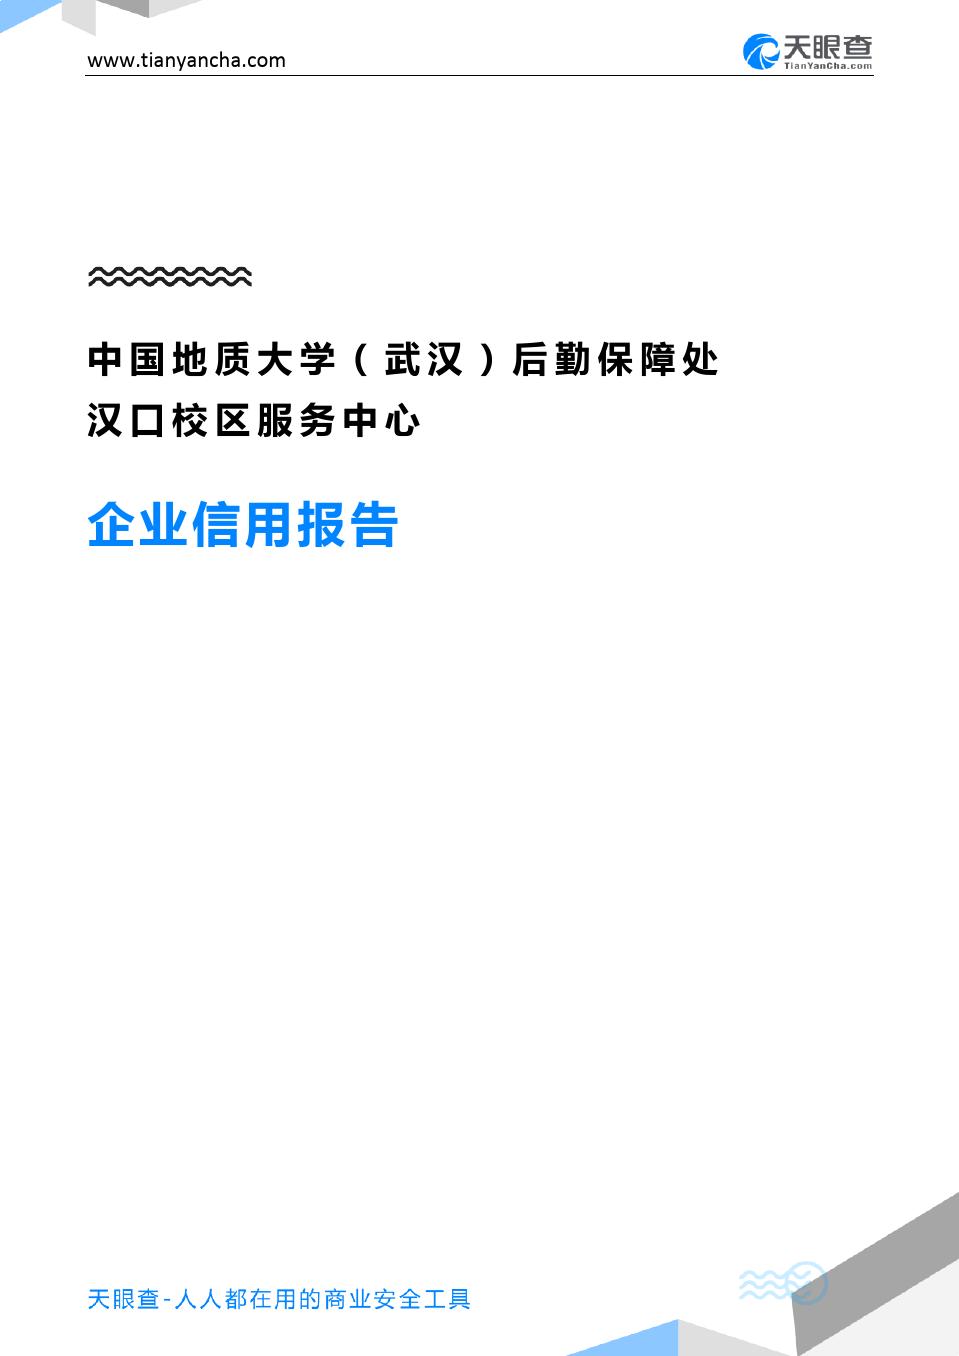 中国地质大学(武汉)后勤保障处汉口校区服务中心(企业信用报告)- 天眼查